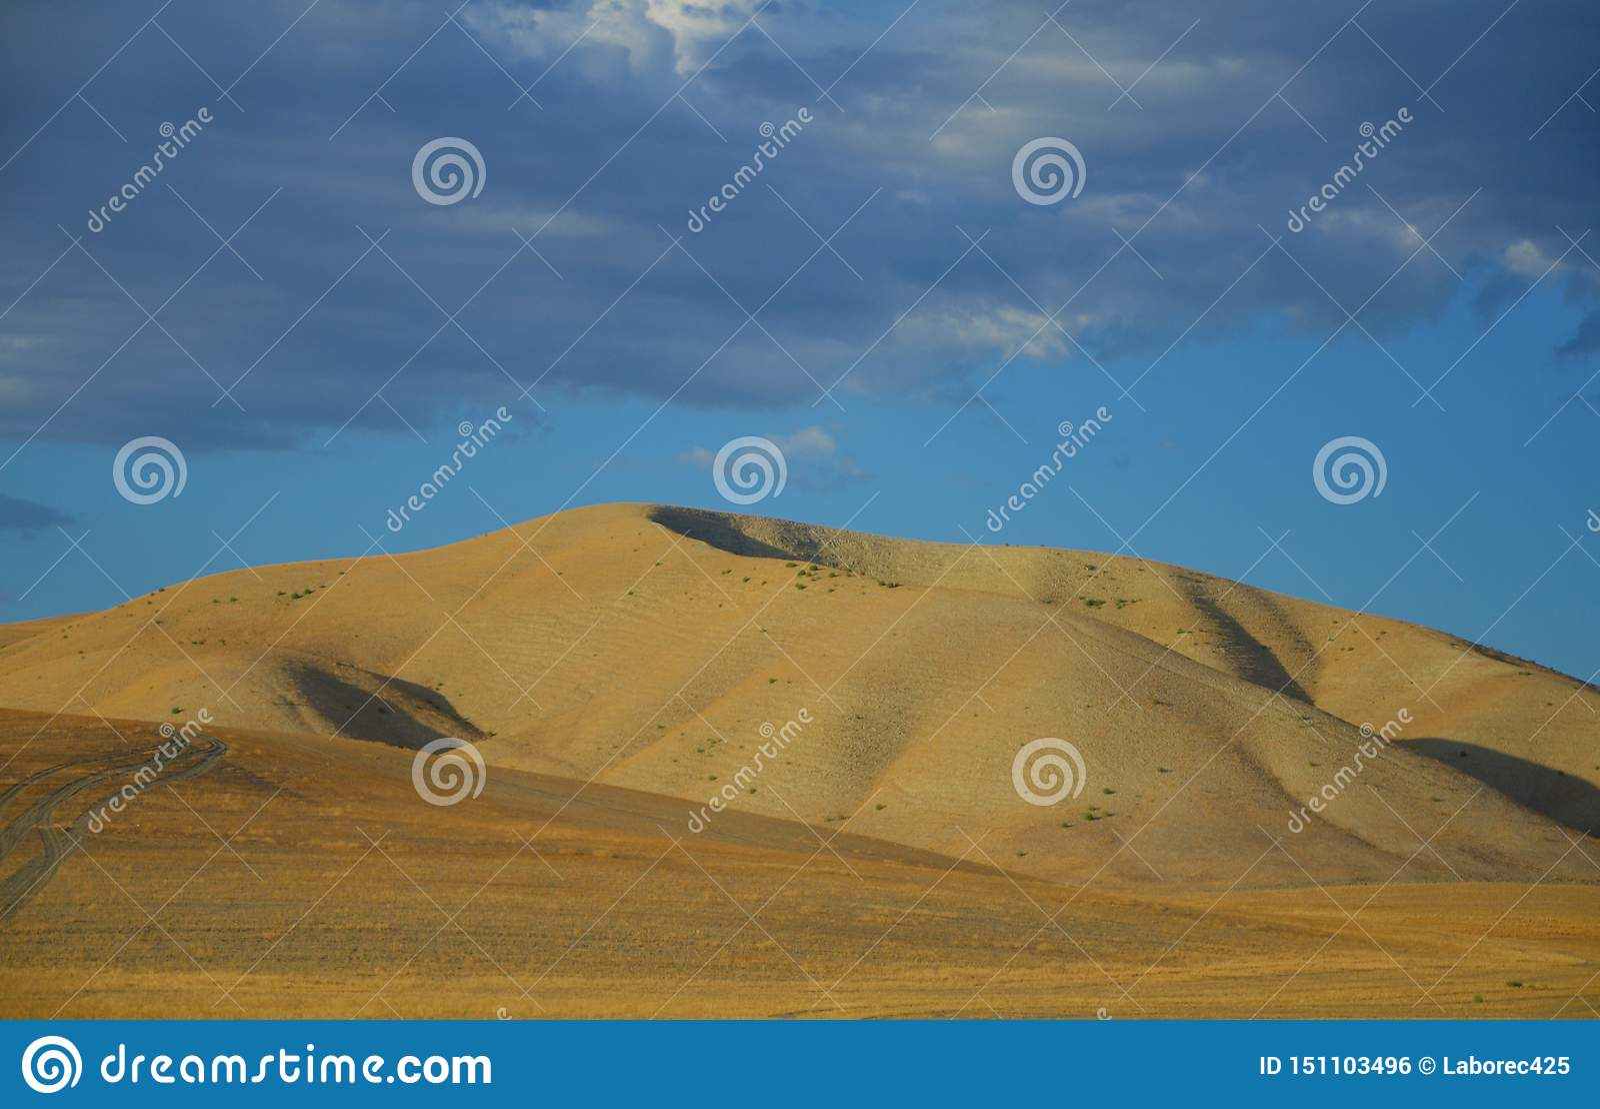 Nord-Kalifornien-Berge im Spätsommer mit blauem Himmel